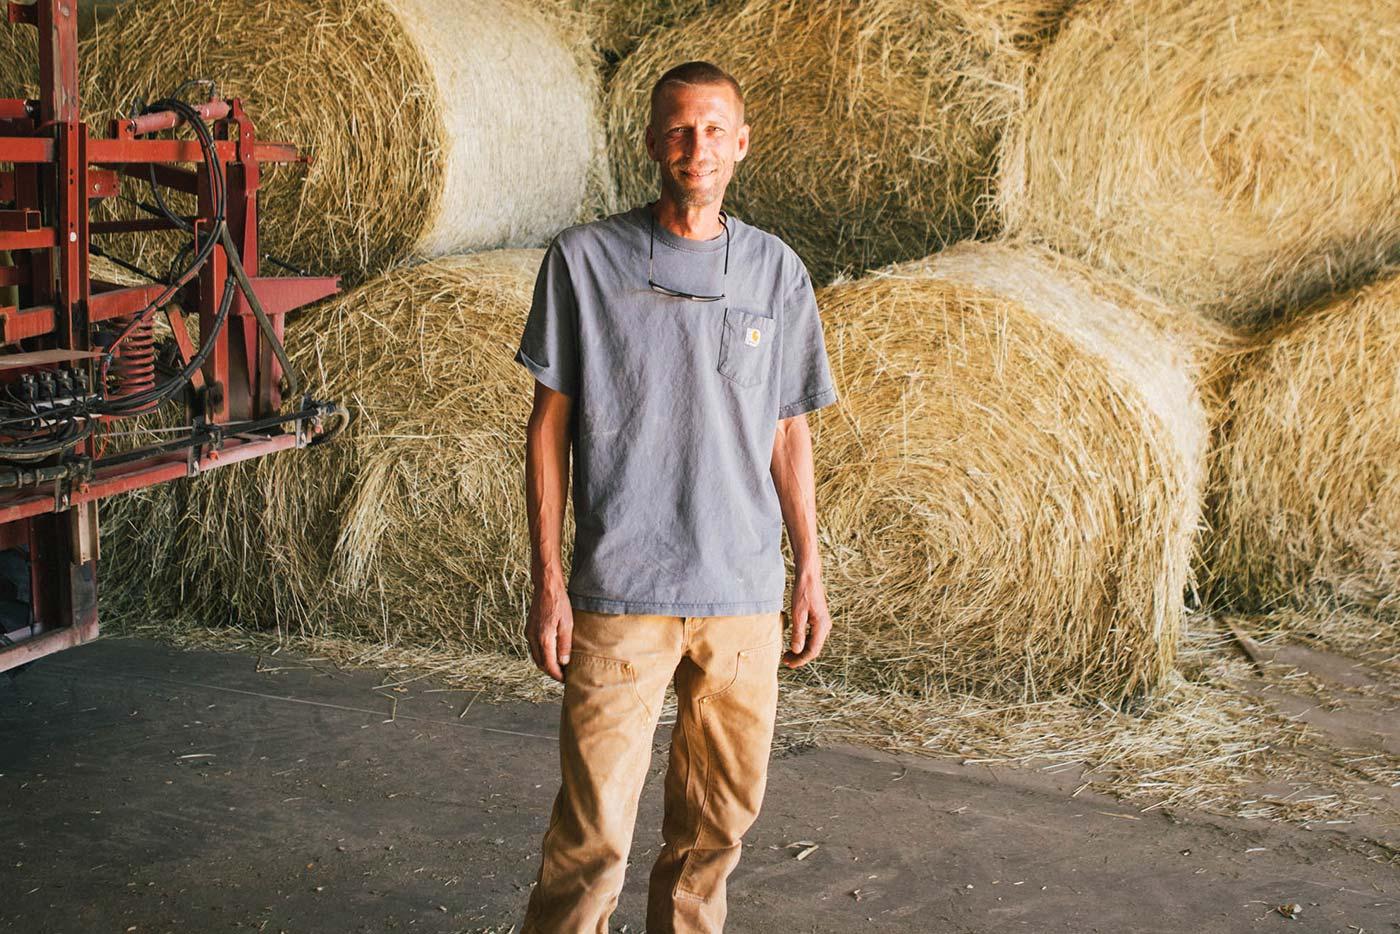 https://www.oakhurstdairy.com/wp-content/uploads/2021/09/farmer-imgs-hemond1-150x150.jpg